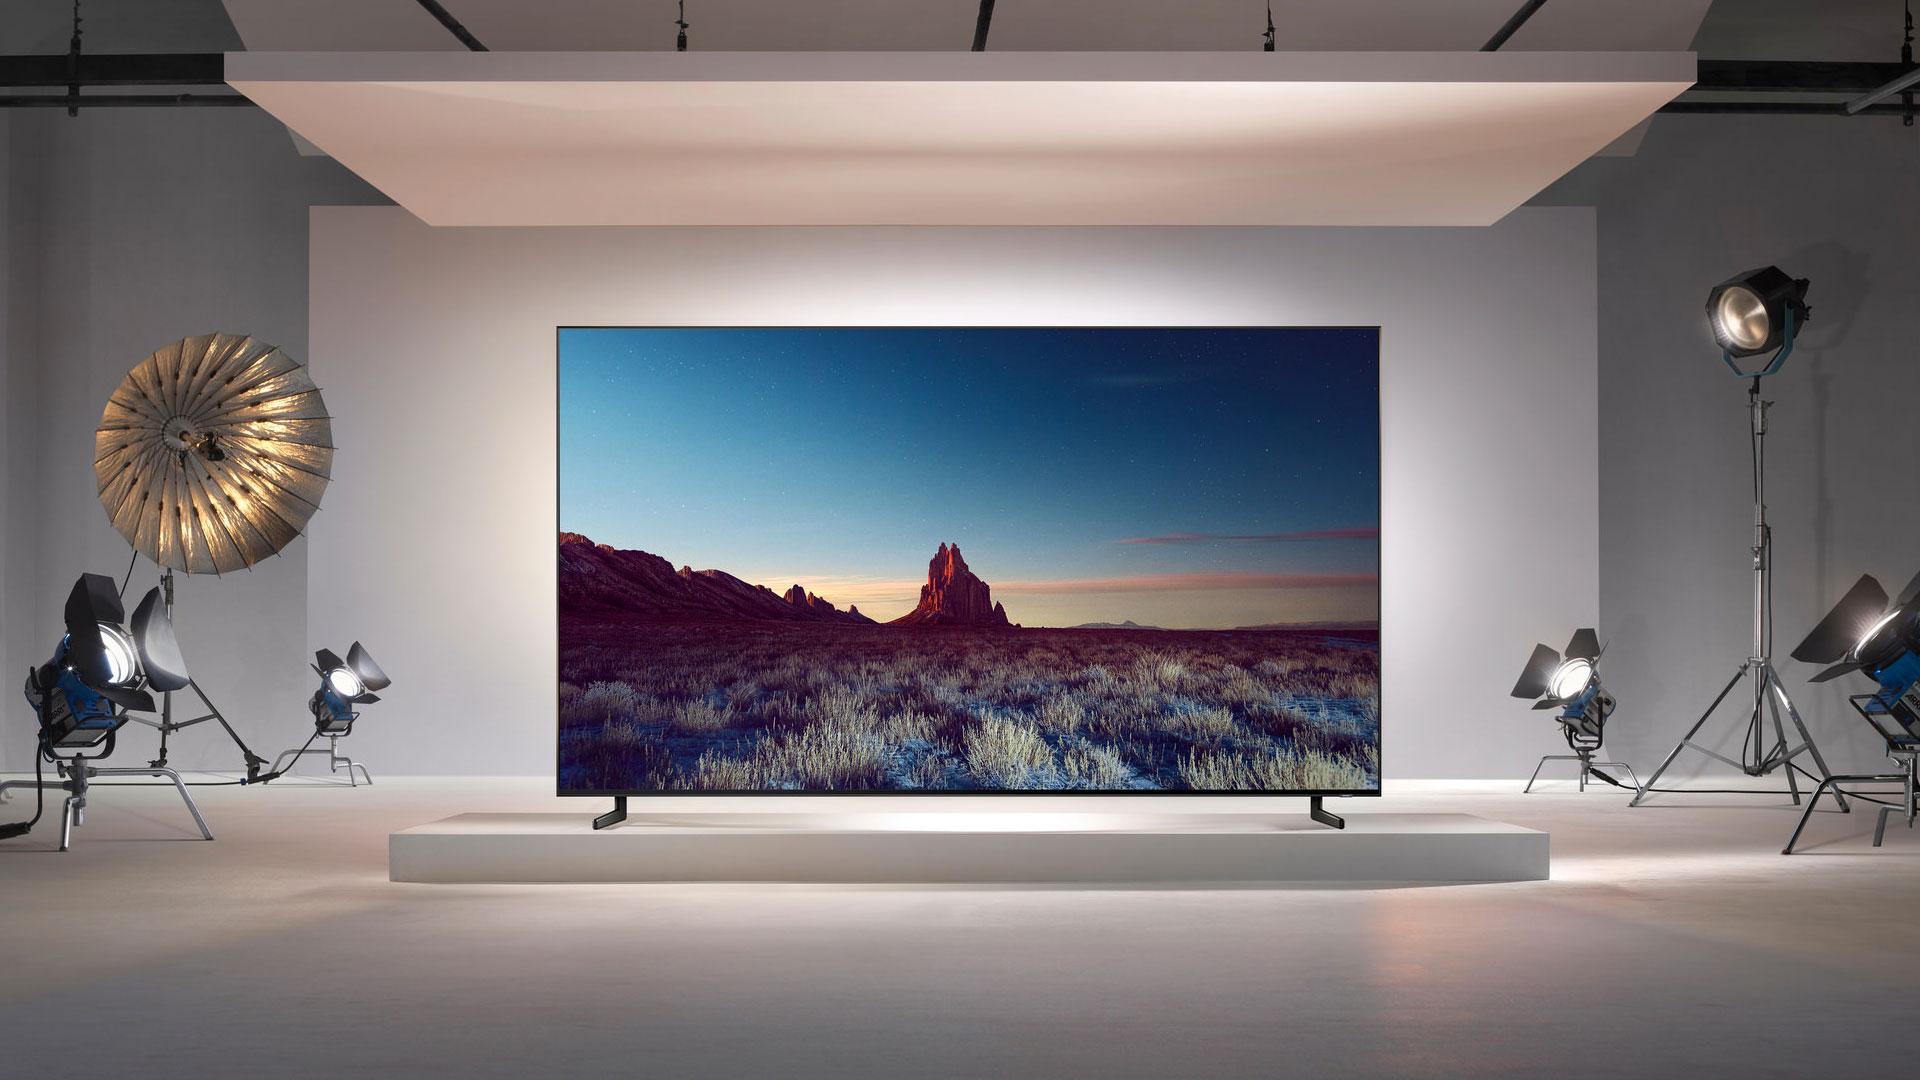 Smart Tivi 8K QLED SAMSUNG 65 Inch QA65Q900RB (2019) - Công nghệ hình ảnh Quantum HDR